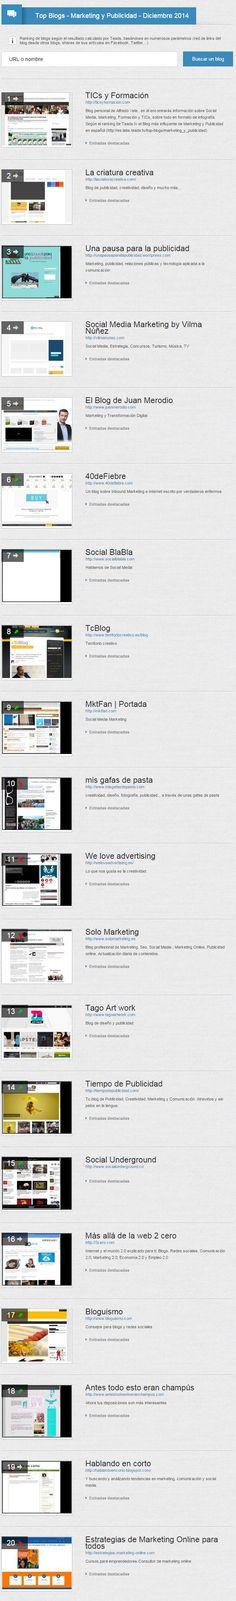 Top 20 blogs sobre marketing y publicidad más influyentes (12/2014). #infografia